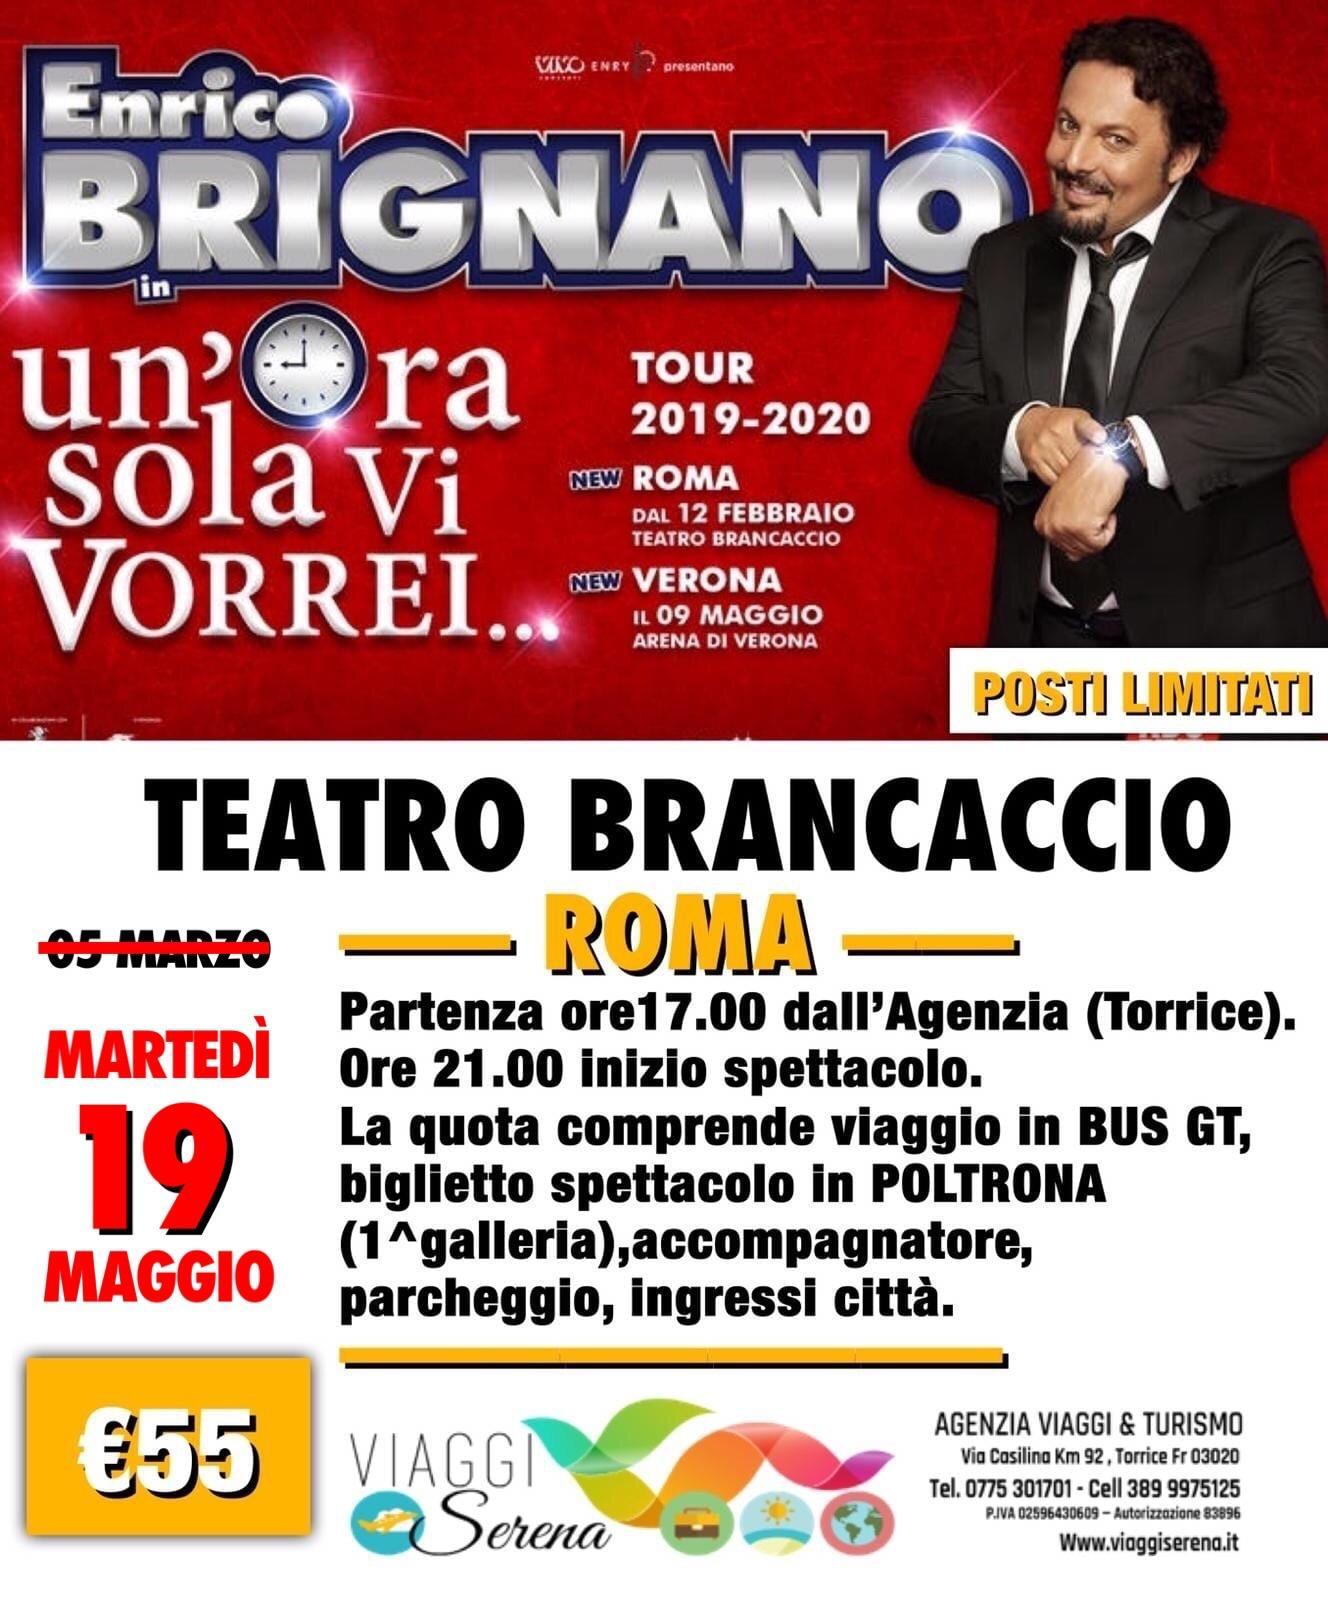 """Spettacoli Teatrali: ENRICO BRIGNANO """"Teatro Brancaccio"""" 21 APRILE 2021 €55,00"""